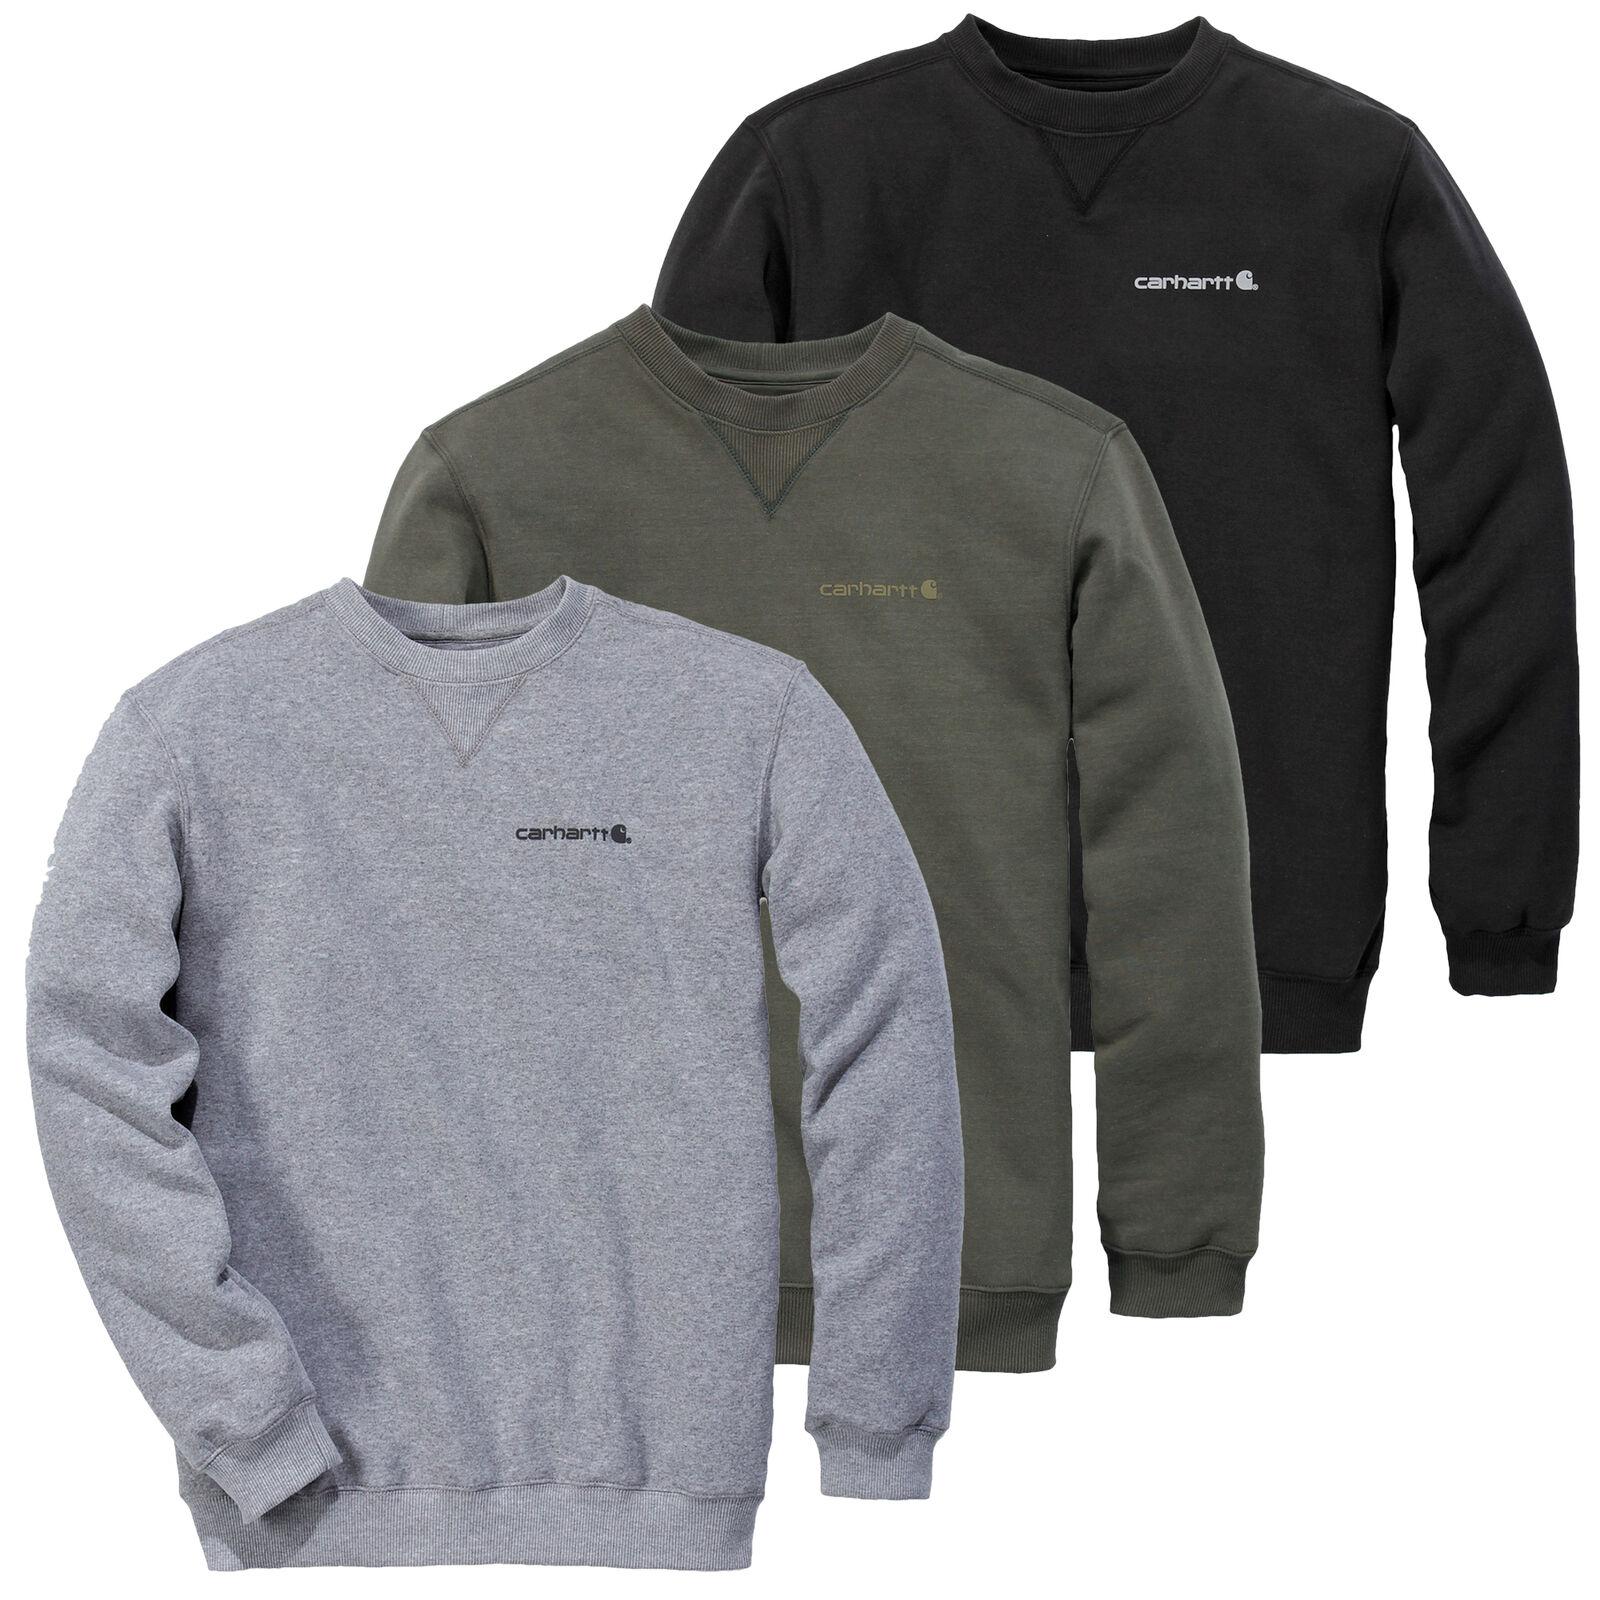 Carhartt Maglione Uomo Grafico Maglione Pullover Pullover Pullover Girocollo S M L XL XXL Nuovo 6e5dff